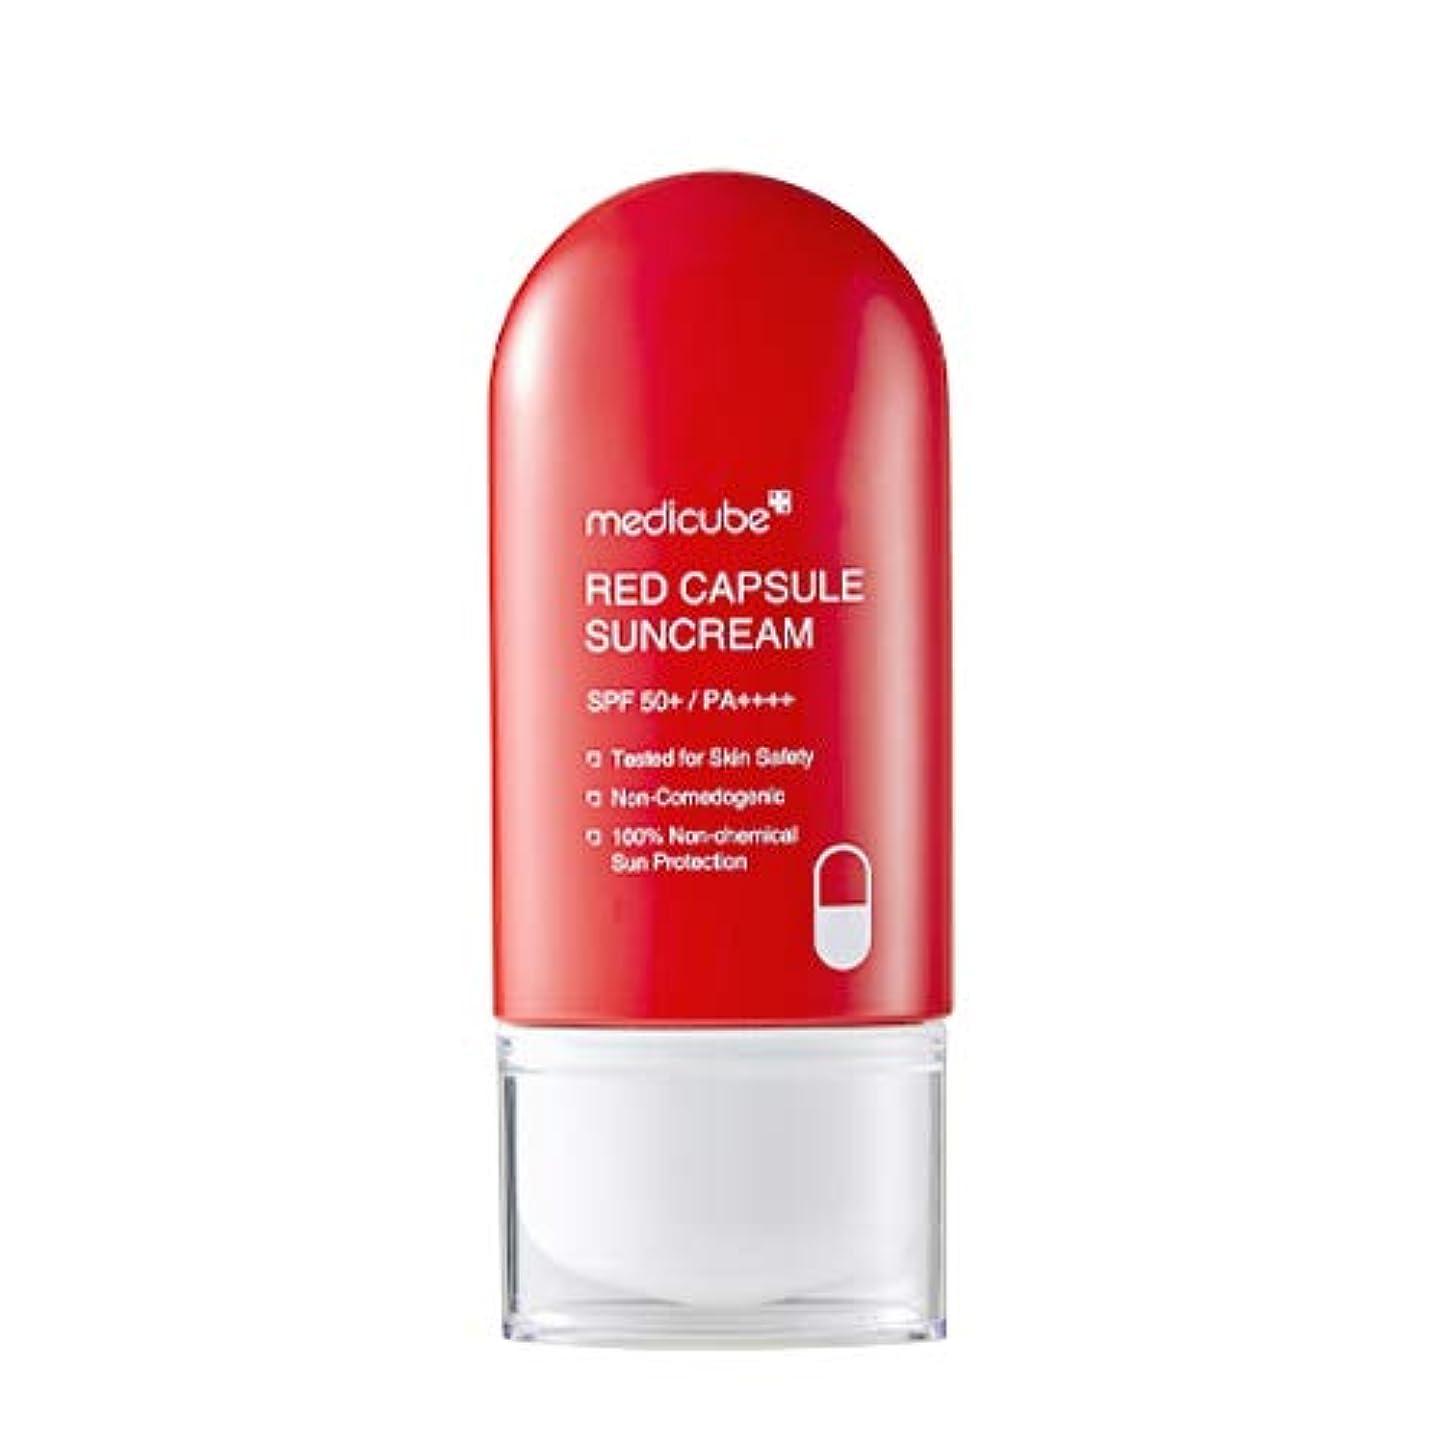 変位端末事業メディキューブ日本公式(medicube) レッドカプセルサンクリーム MEDICUBE RED CAPSULE SUNCREAM 30g